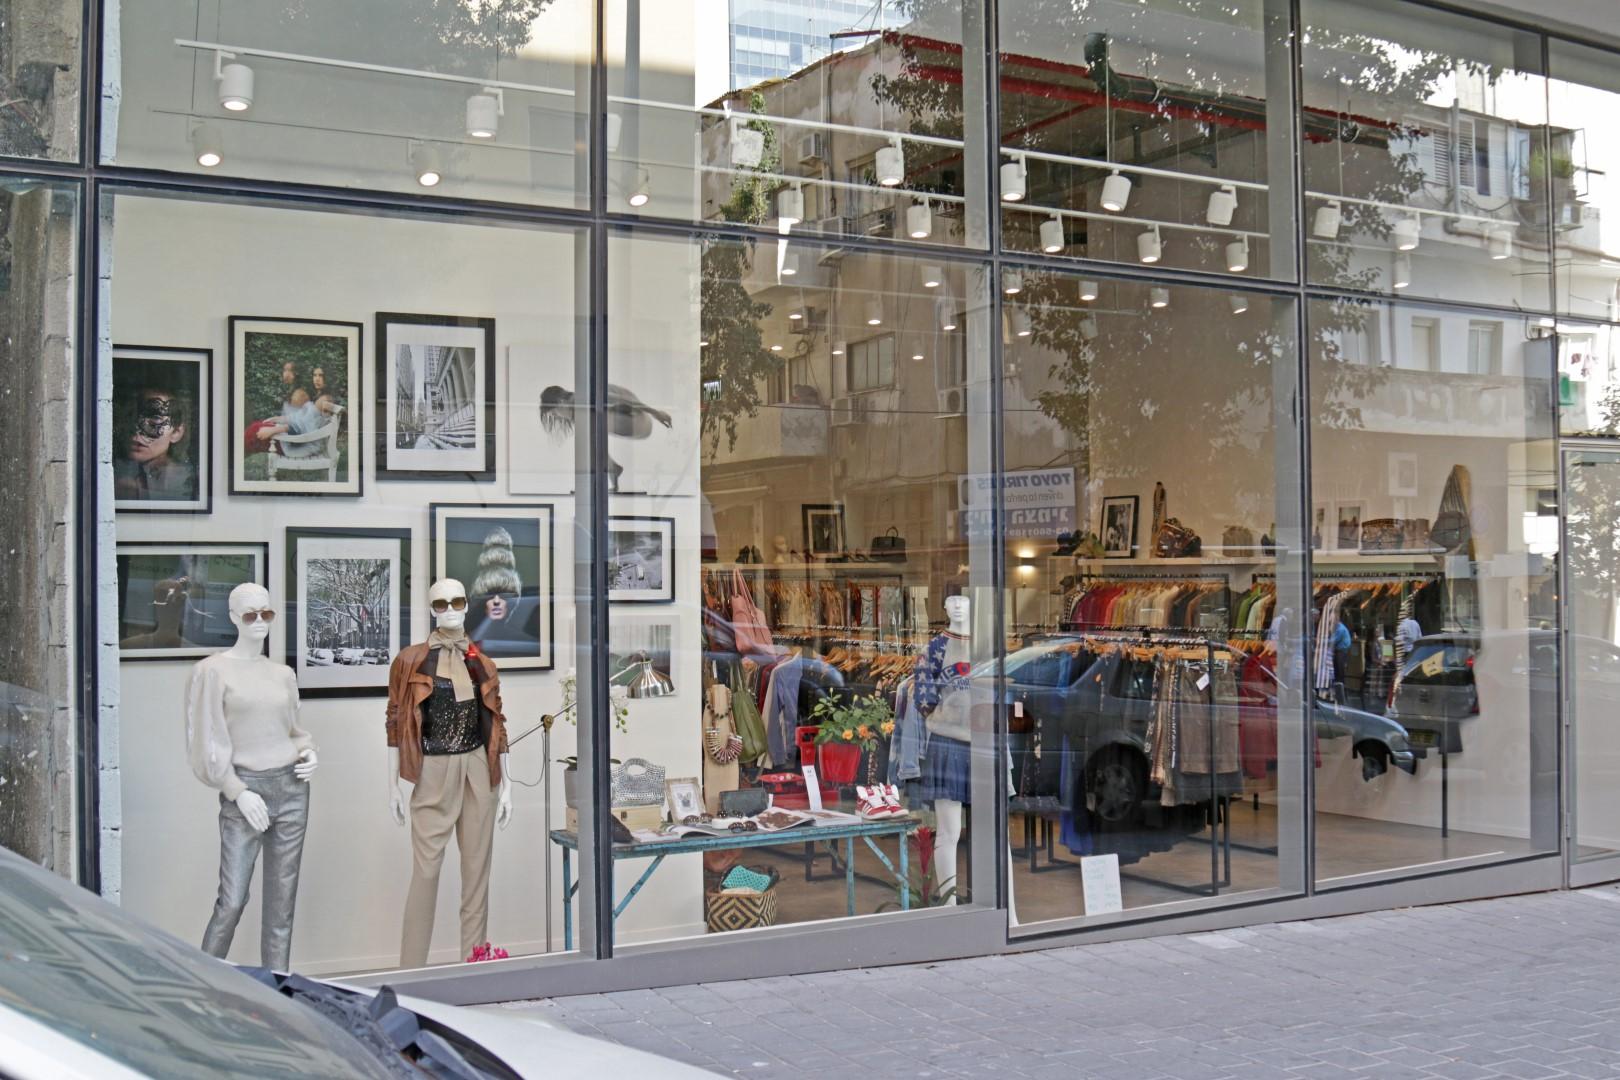 צ'לסי - החנות הראשונה ליד השנייה